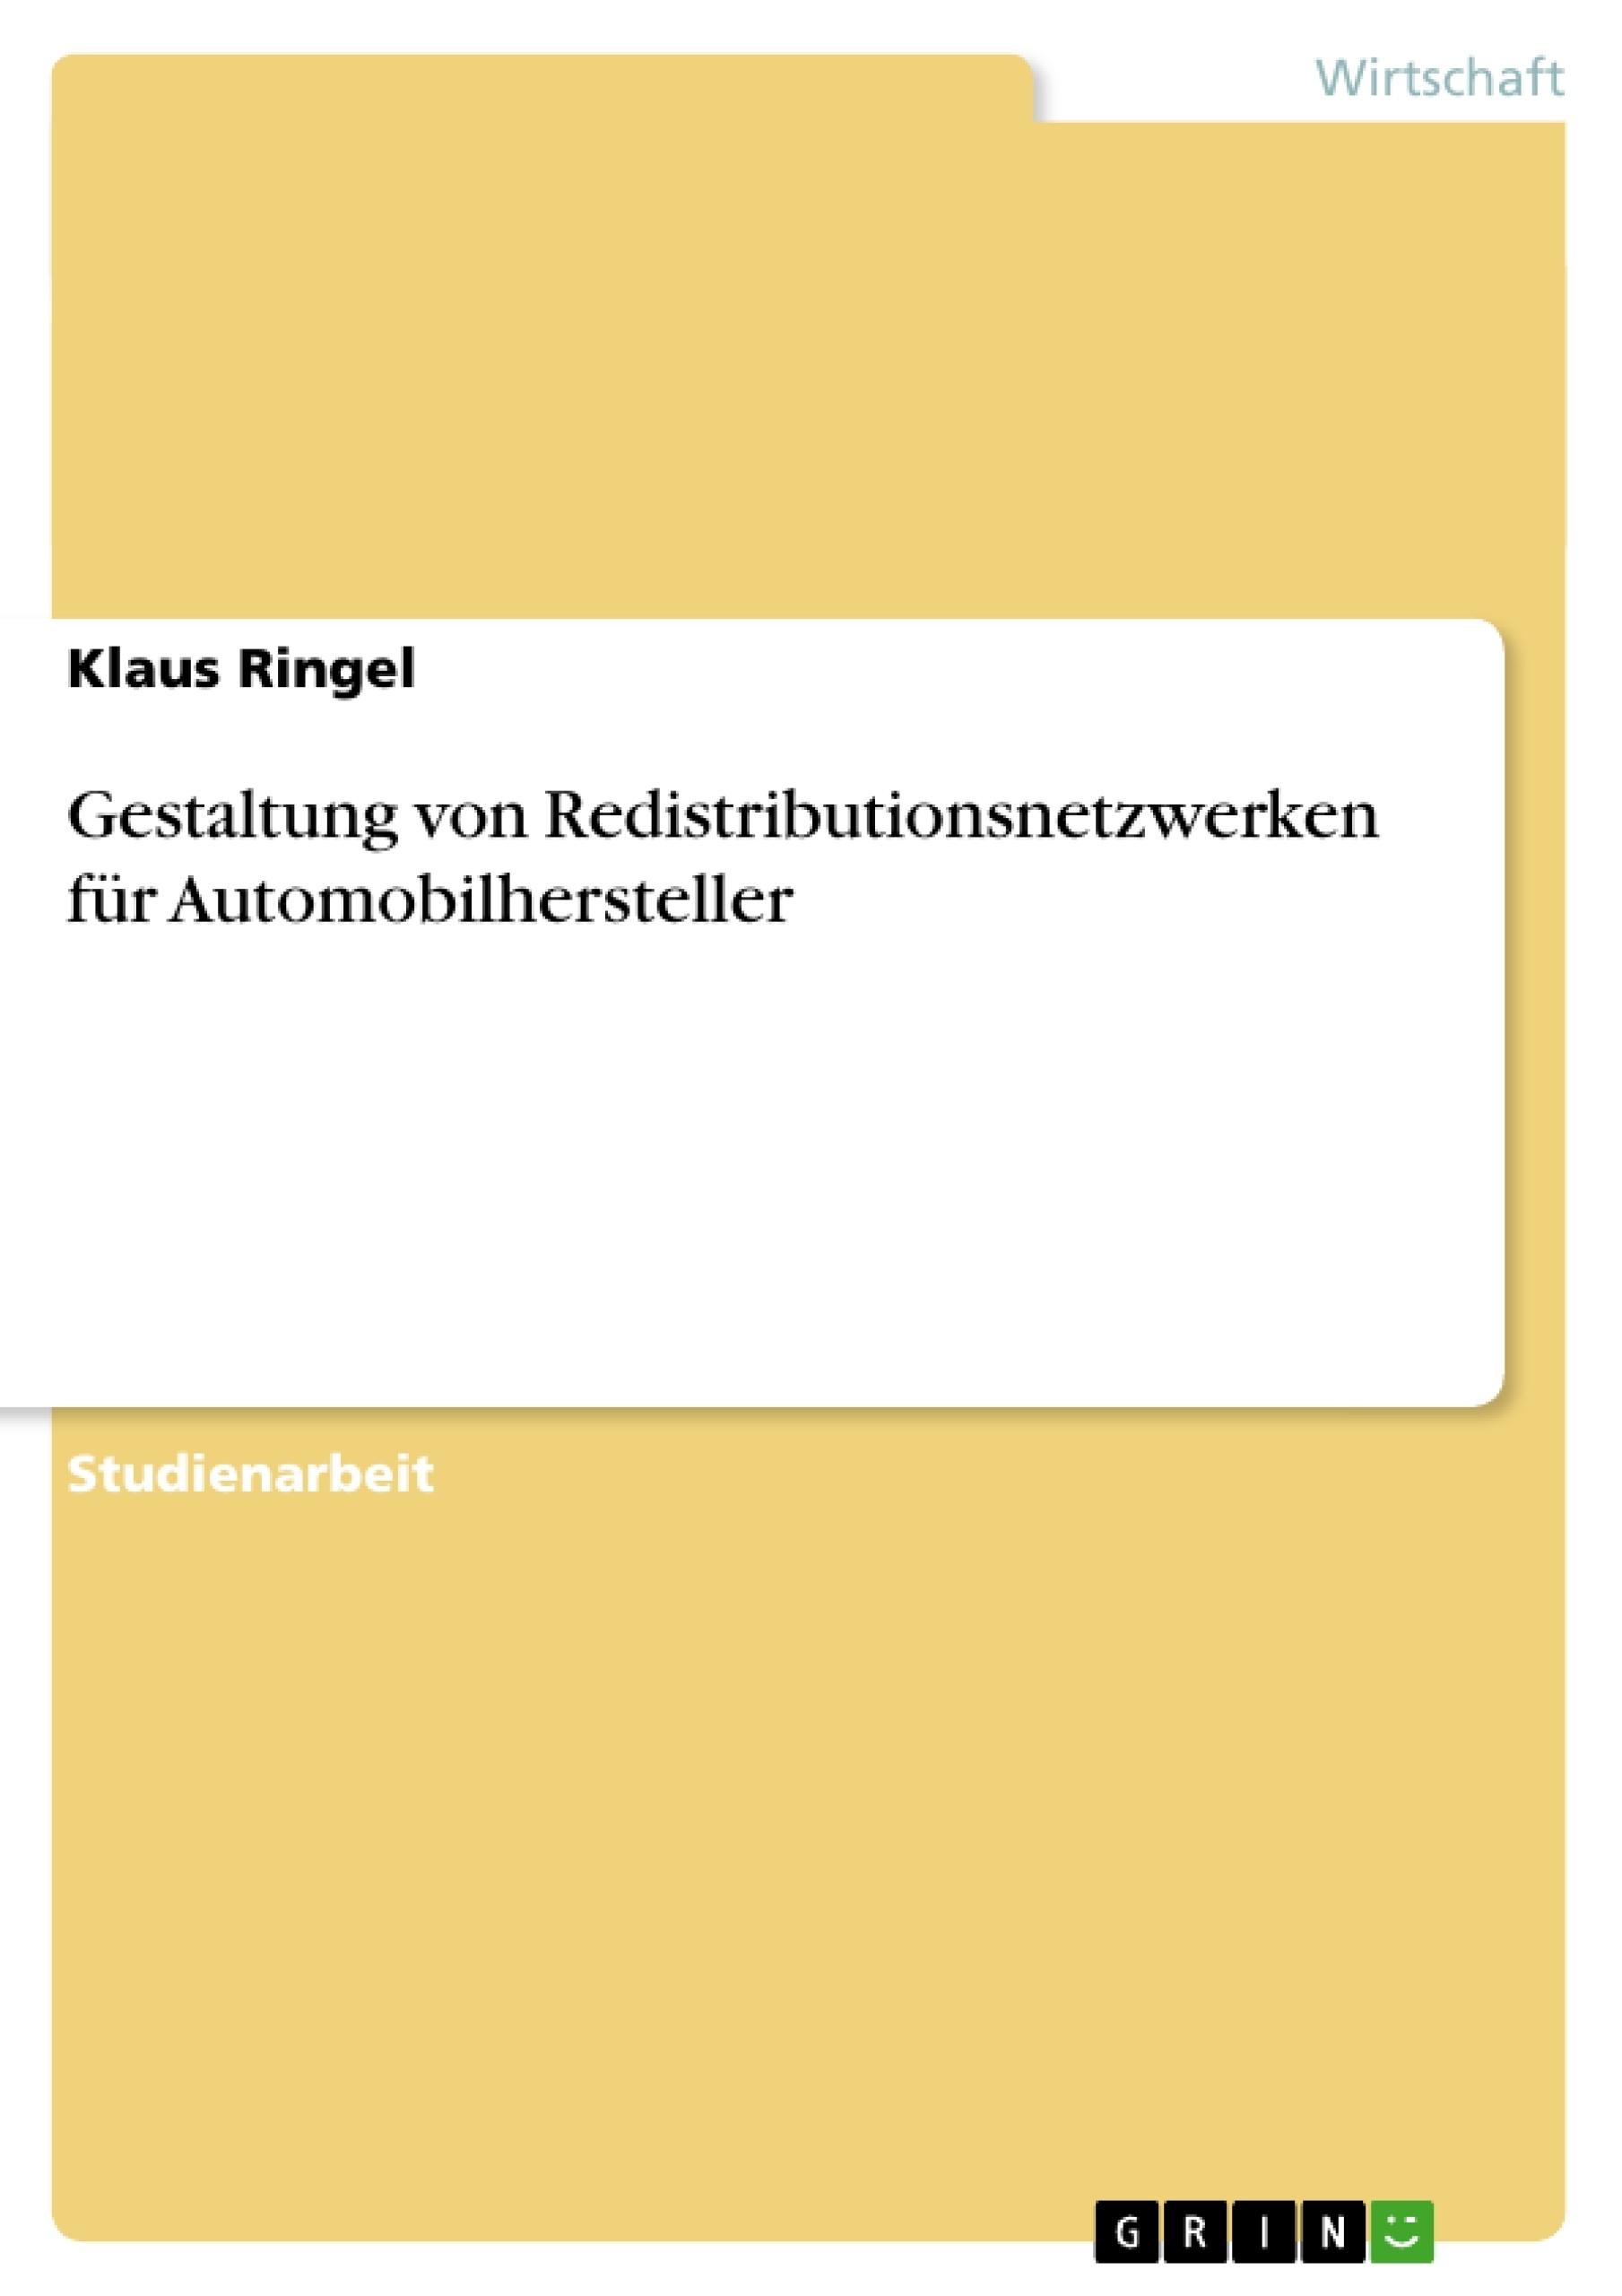 Titel: Gestaltung von Redistributionsnetzwerken für Automobilhersteller